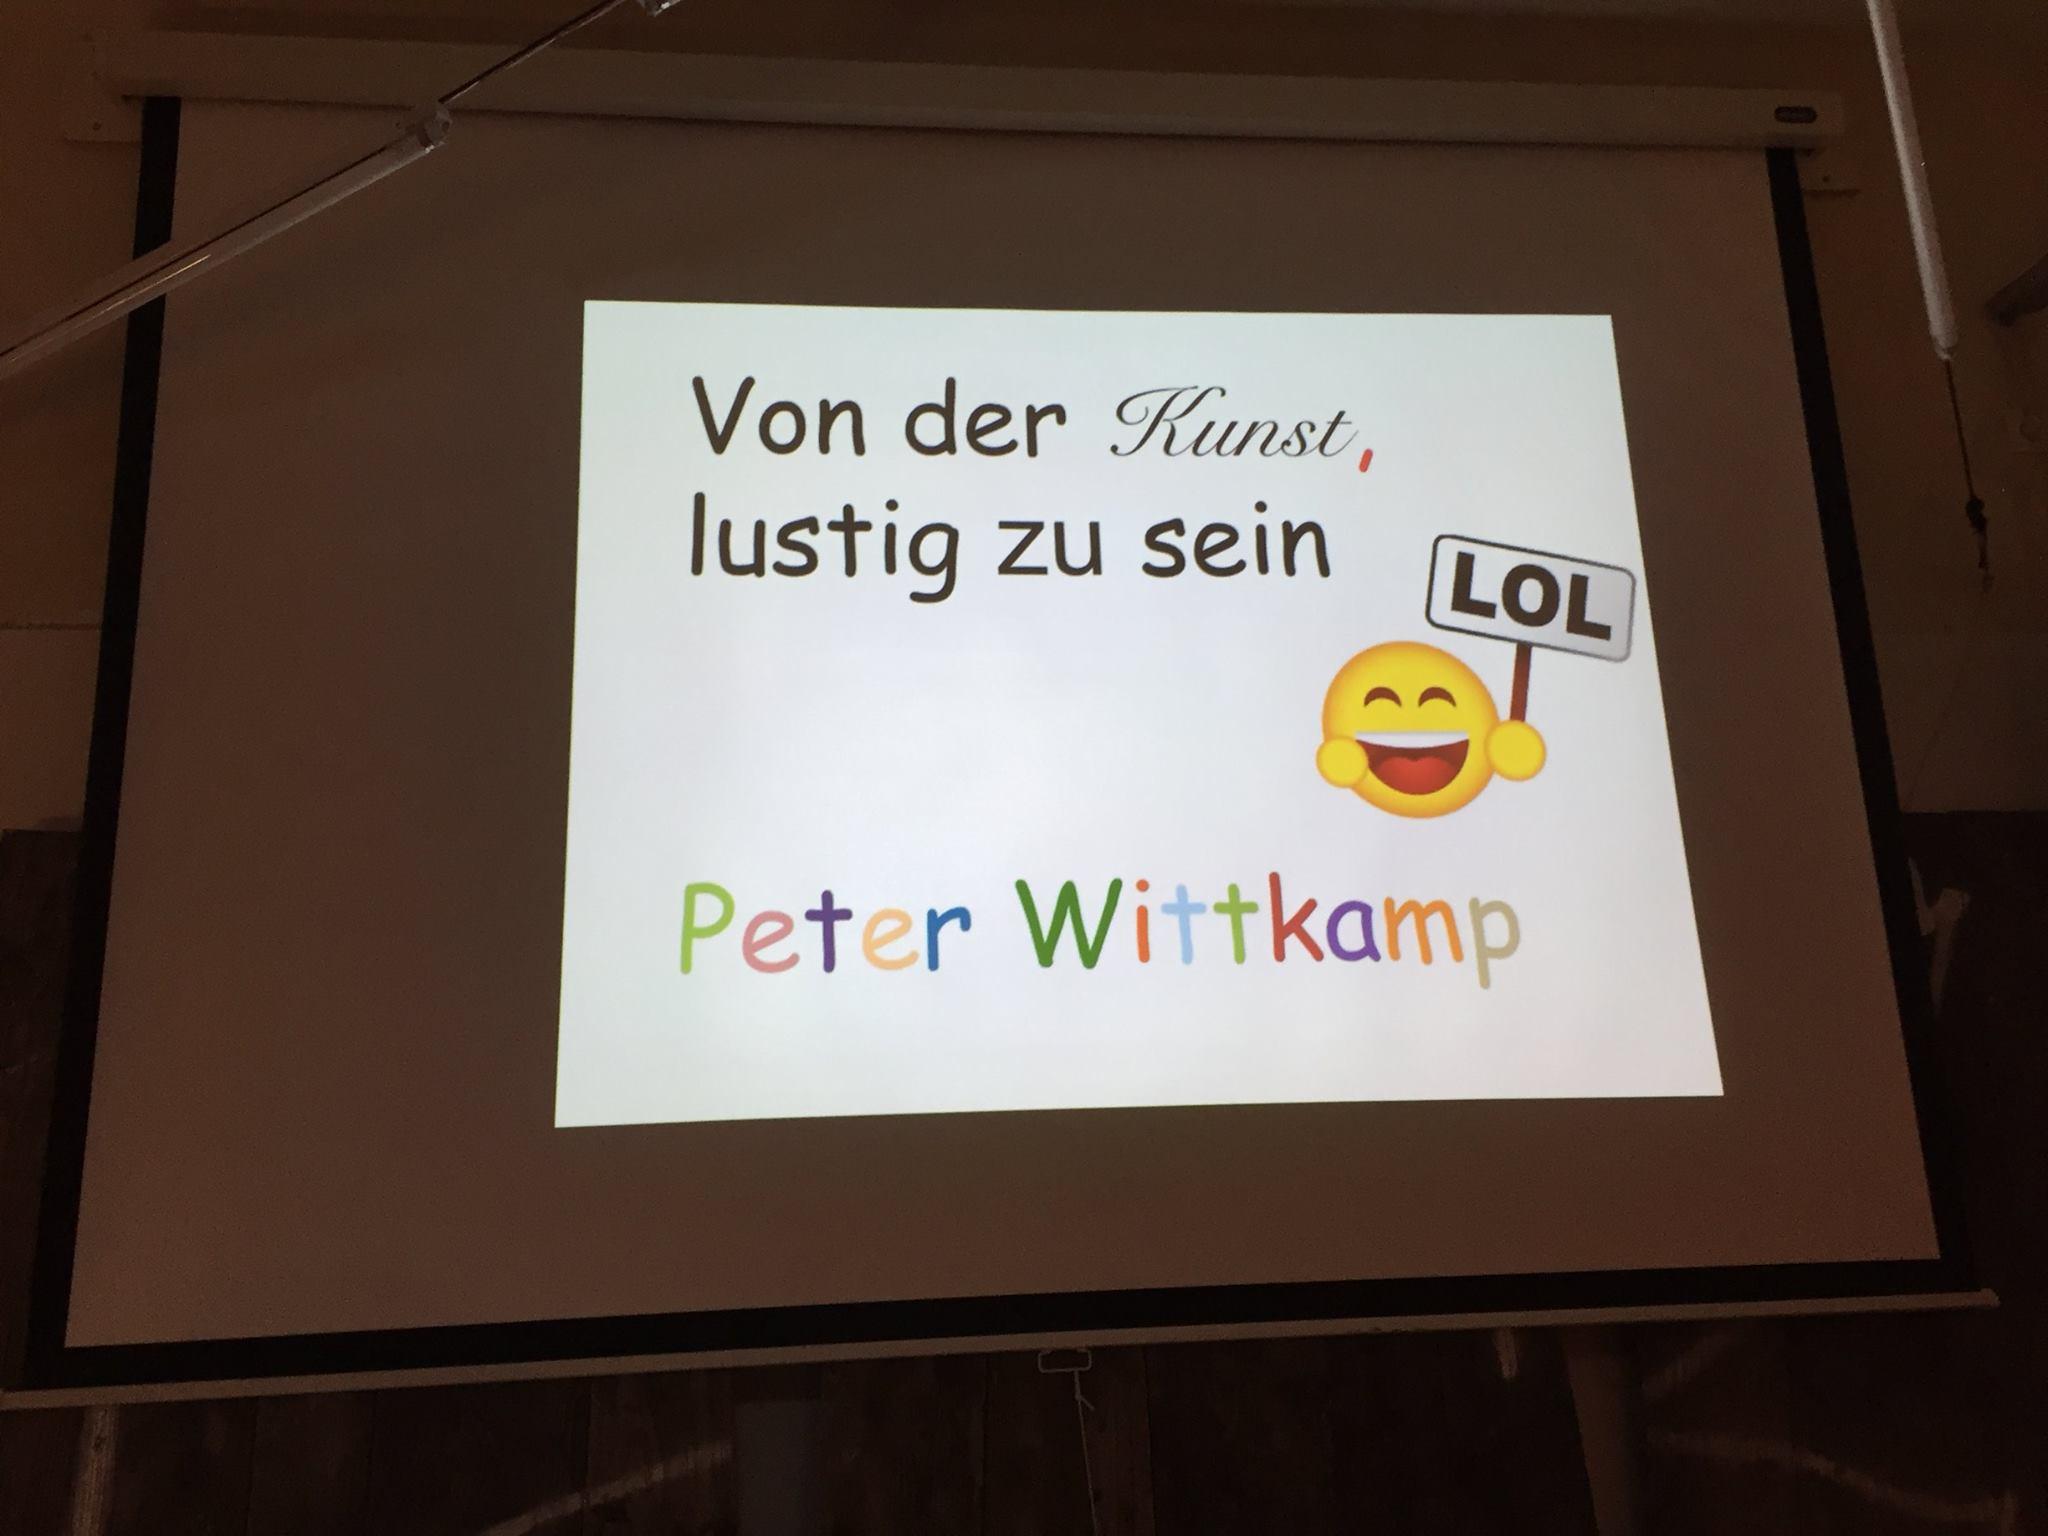 20. #pubnpub Berlin mit Peter Wittkamp – von der Kunst, lustig zu sein